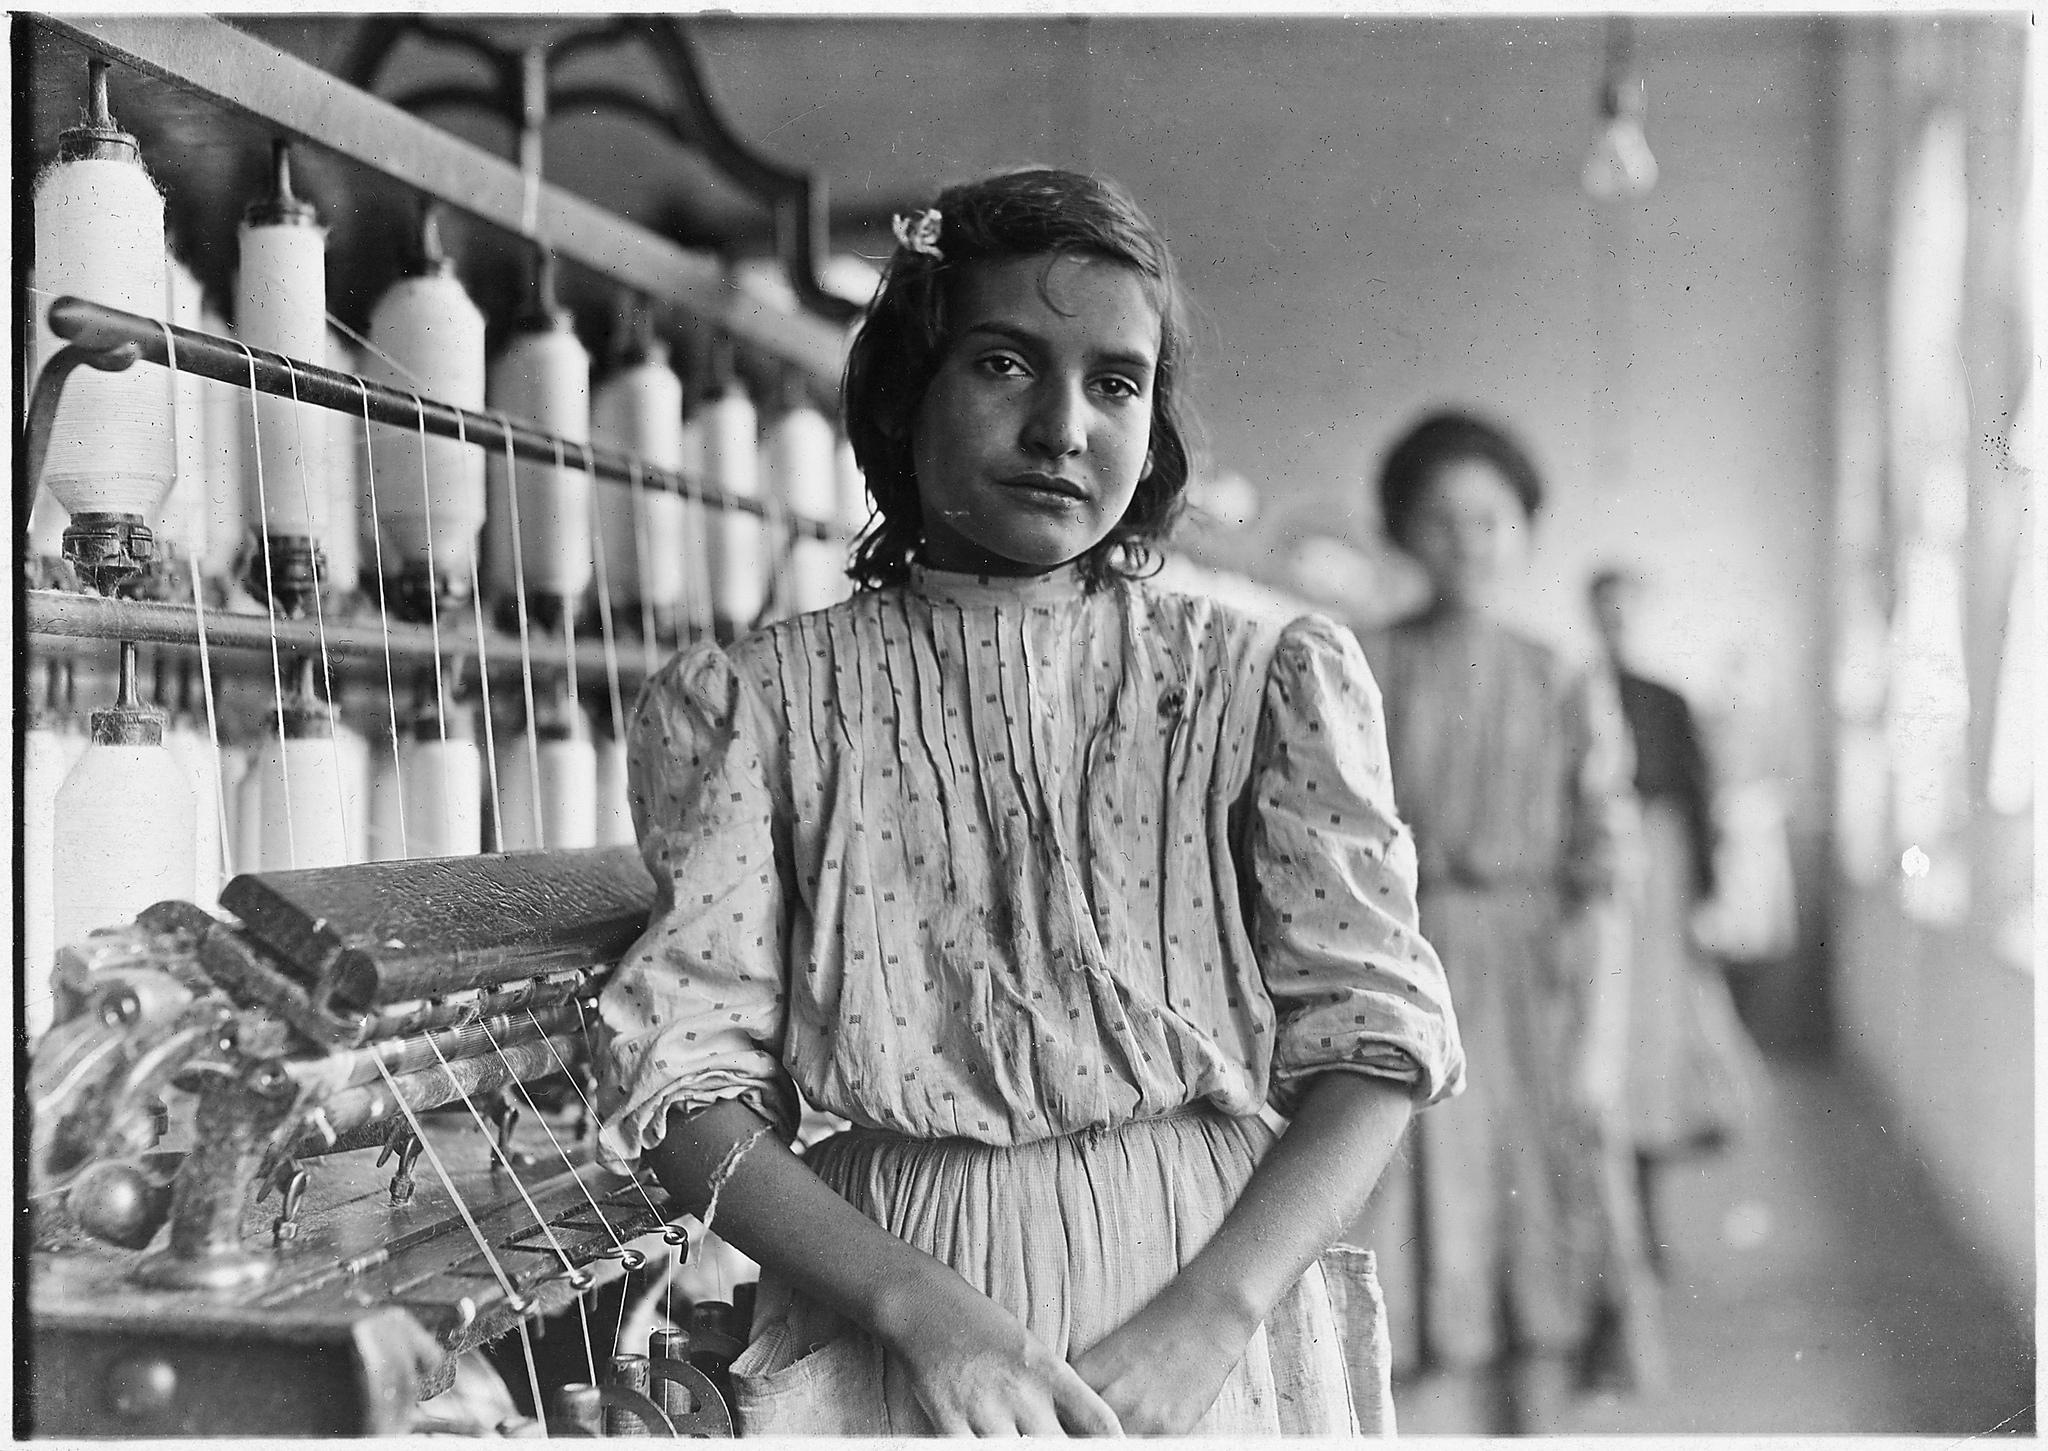 Where S The Line When It Comes To Child Labor